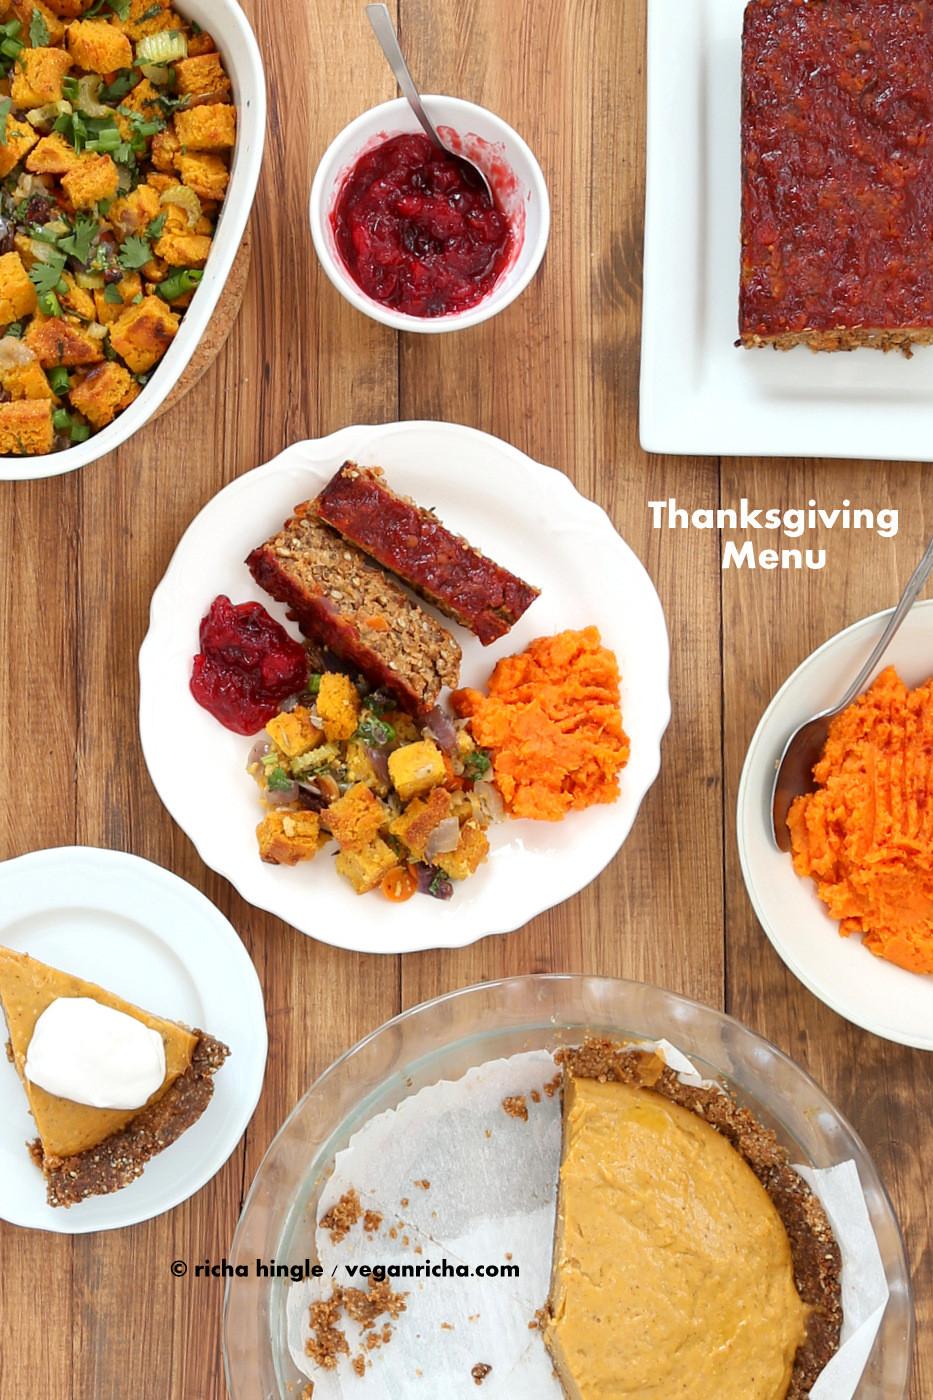 Vegan Thanksgiving Desserts  80 Vegan Thanksgiving Recipes 2014 Vegan Richa